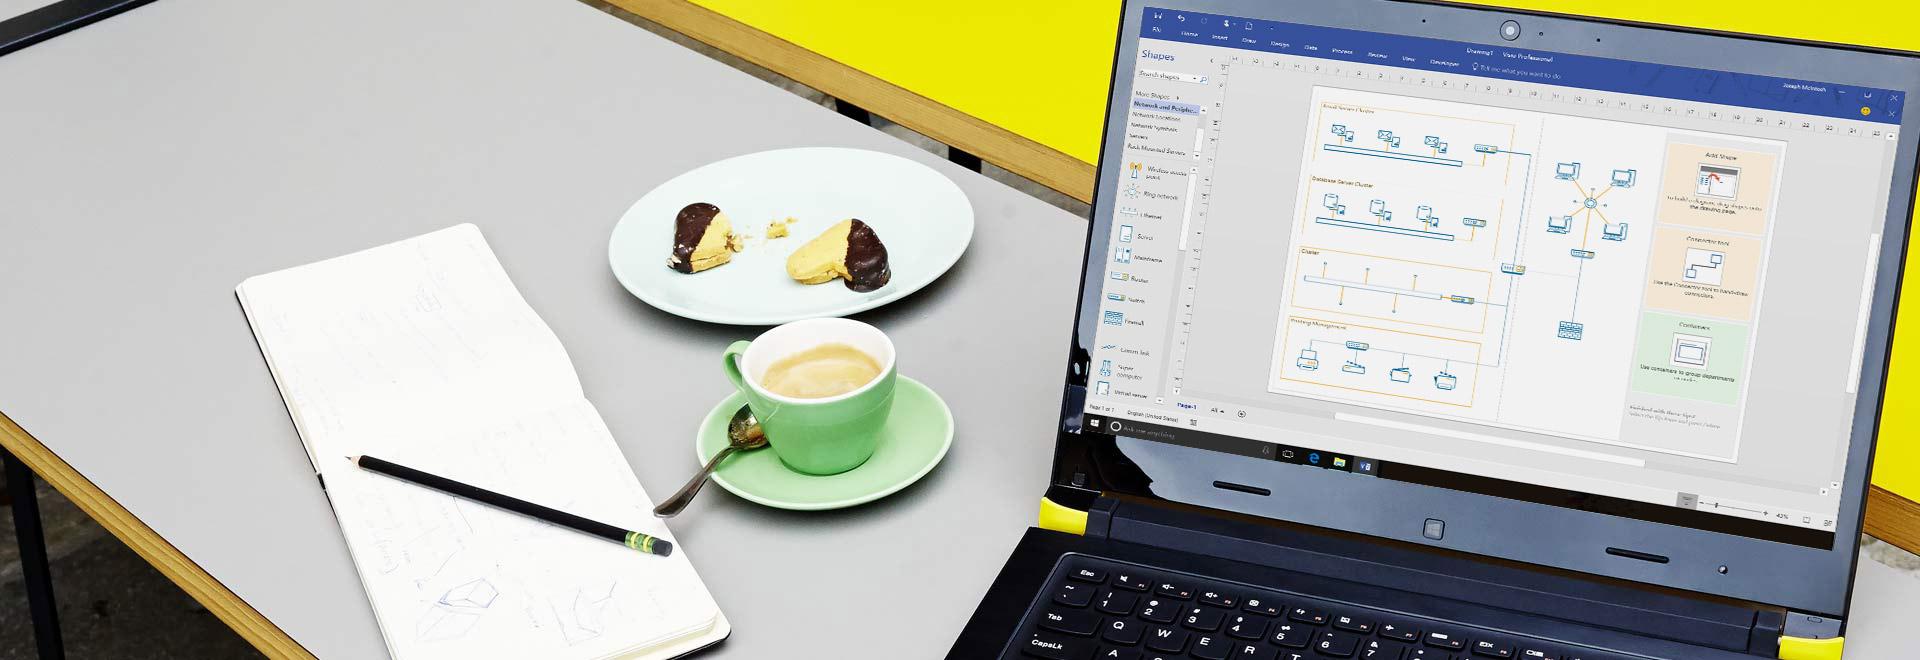 ภาพระยะใกล้ของแล็ปท็อปบนโต๊ะ แสดงไดอะแกรม Visio กับการแก้ไข Ribbon และบานหน้าต่าง